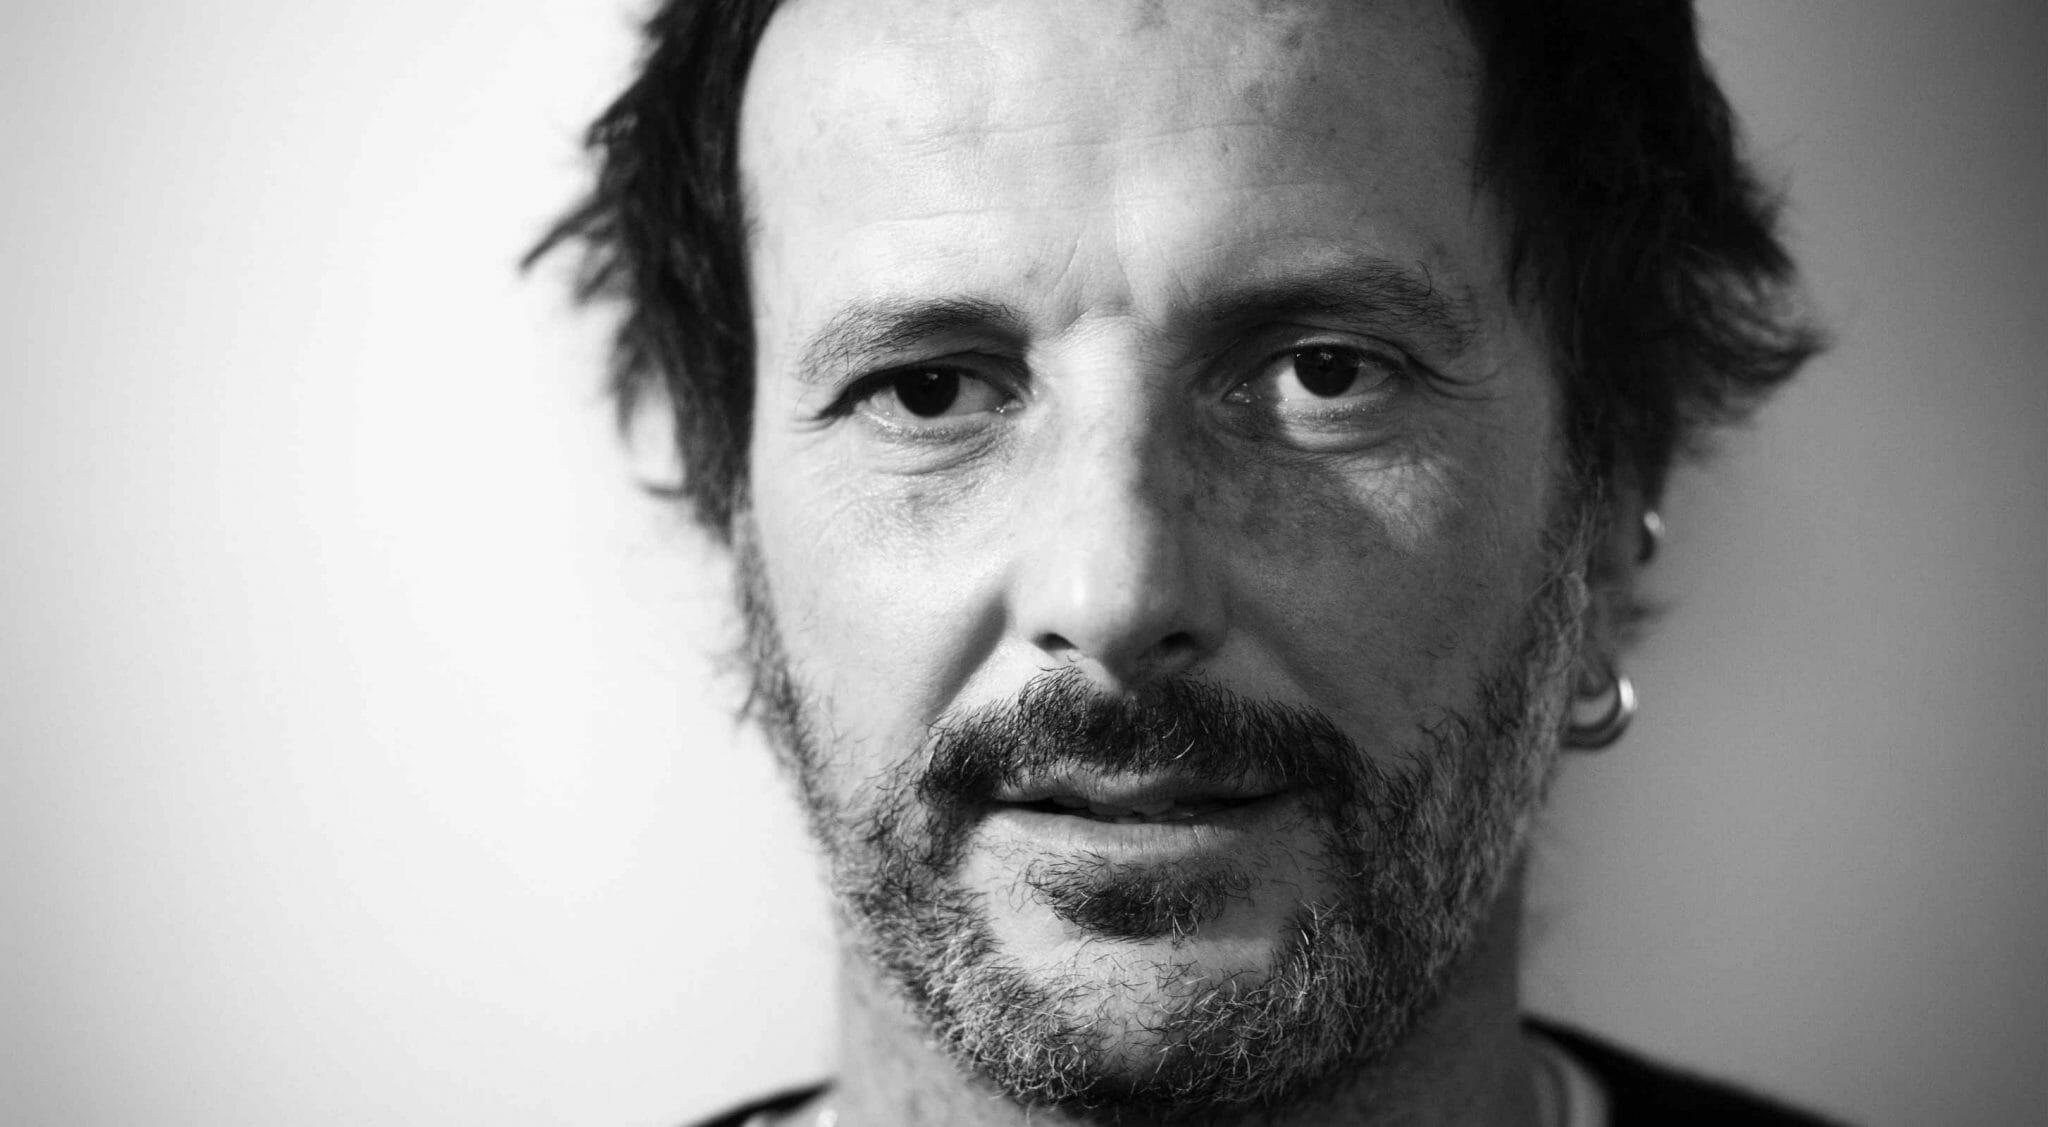 """""""Non possiamo opporci all'amore e alla seduzione"""": Matteo Nucci racconta """"L'Abisso di Eros"""""""